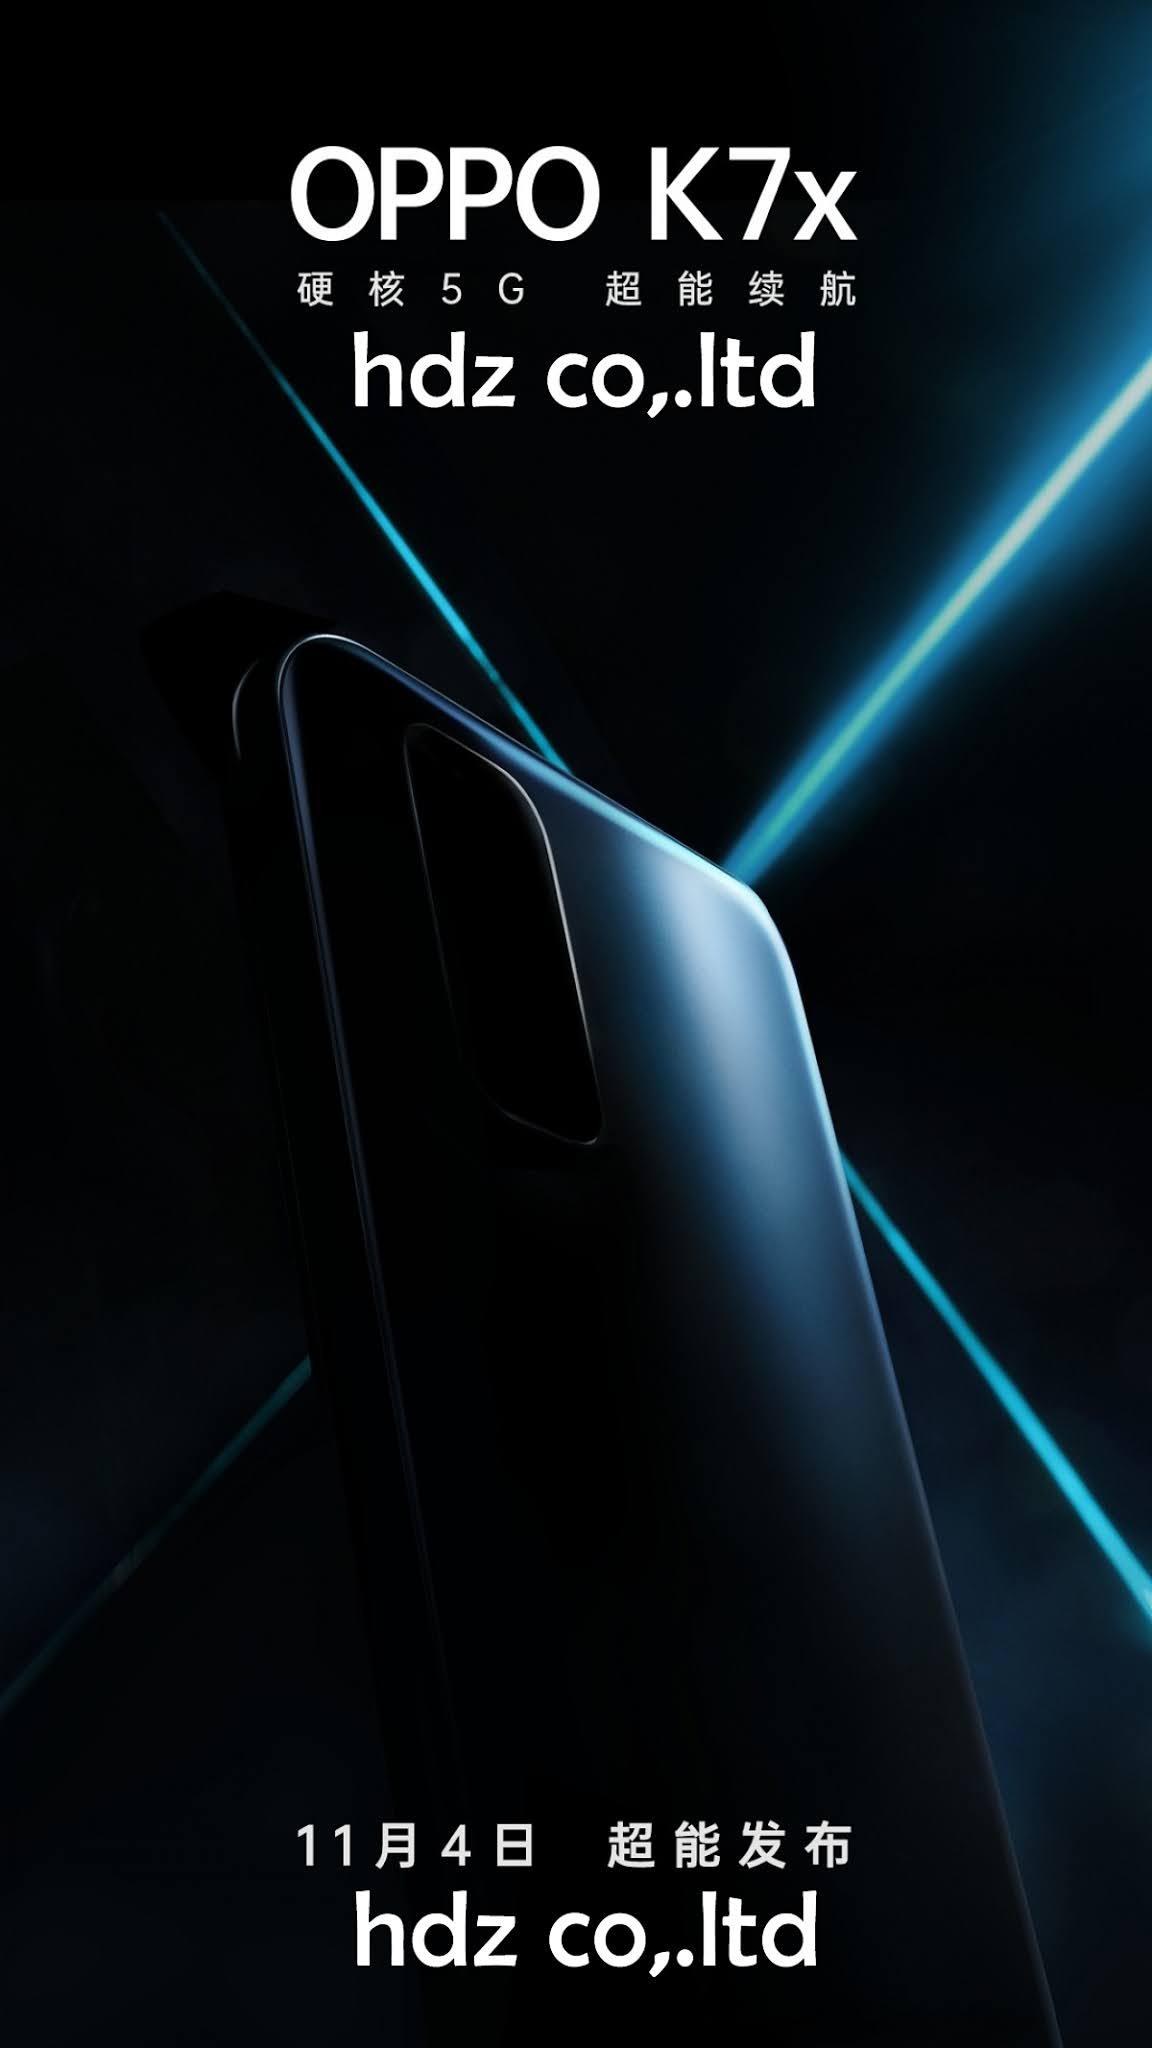 هاتف اوبو الجديد Oppo K7x